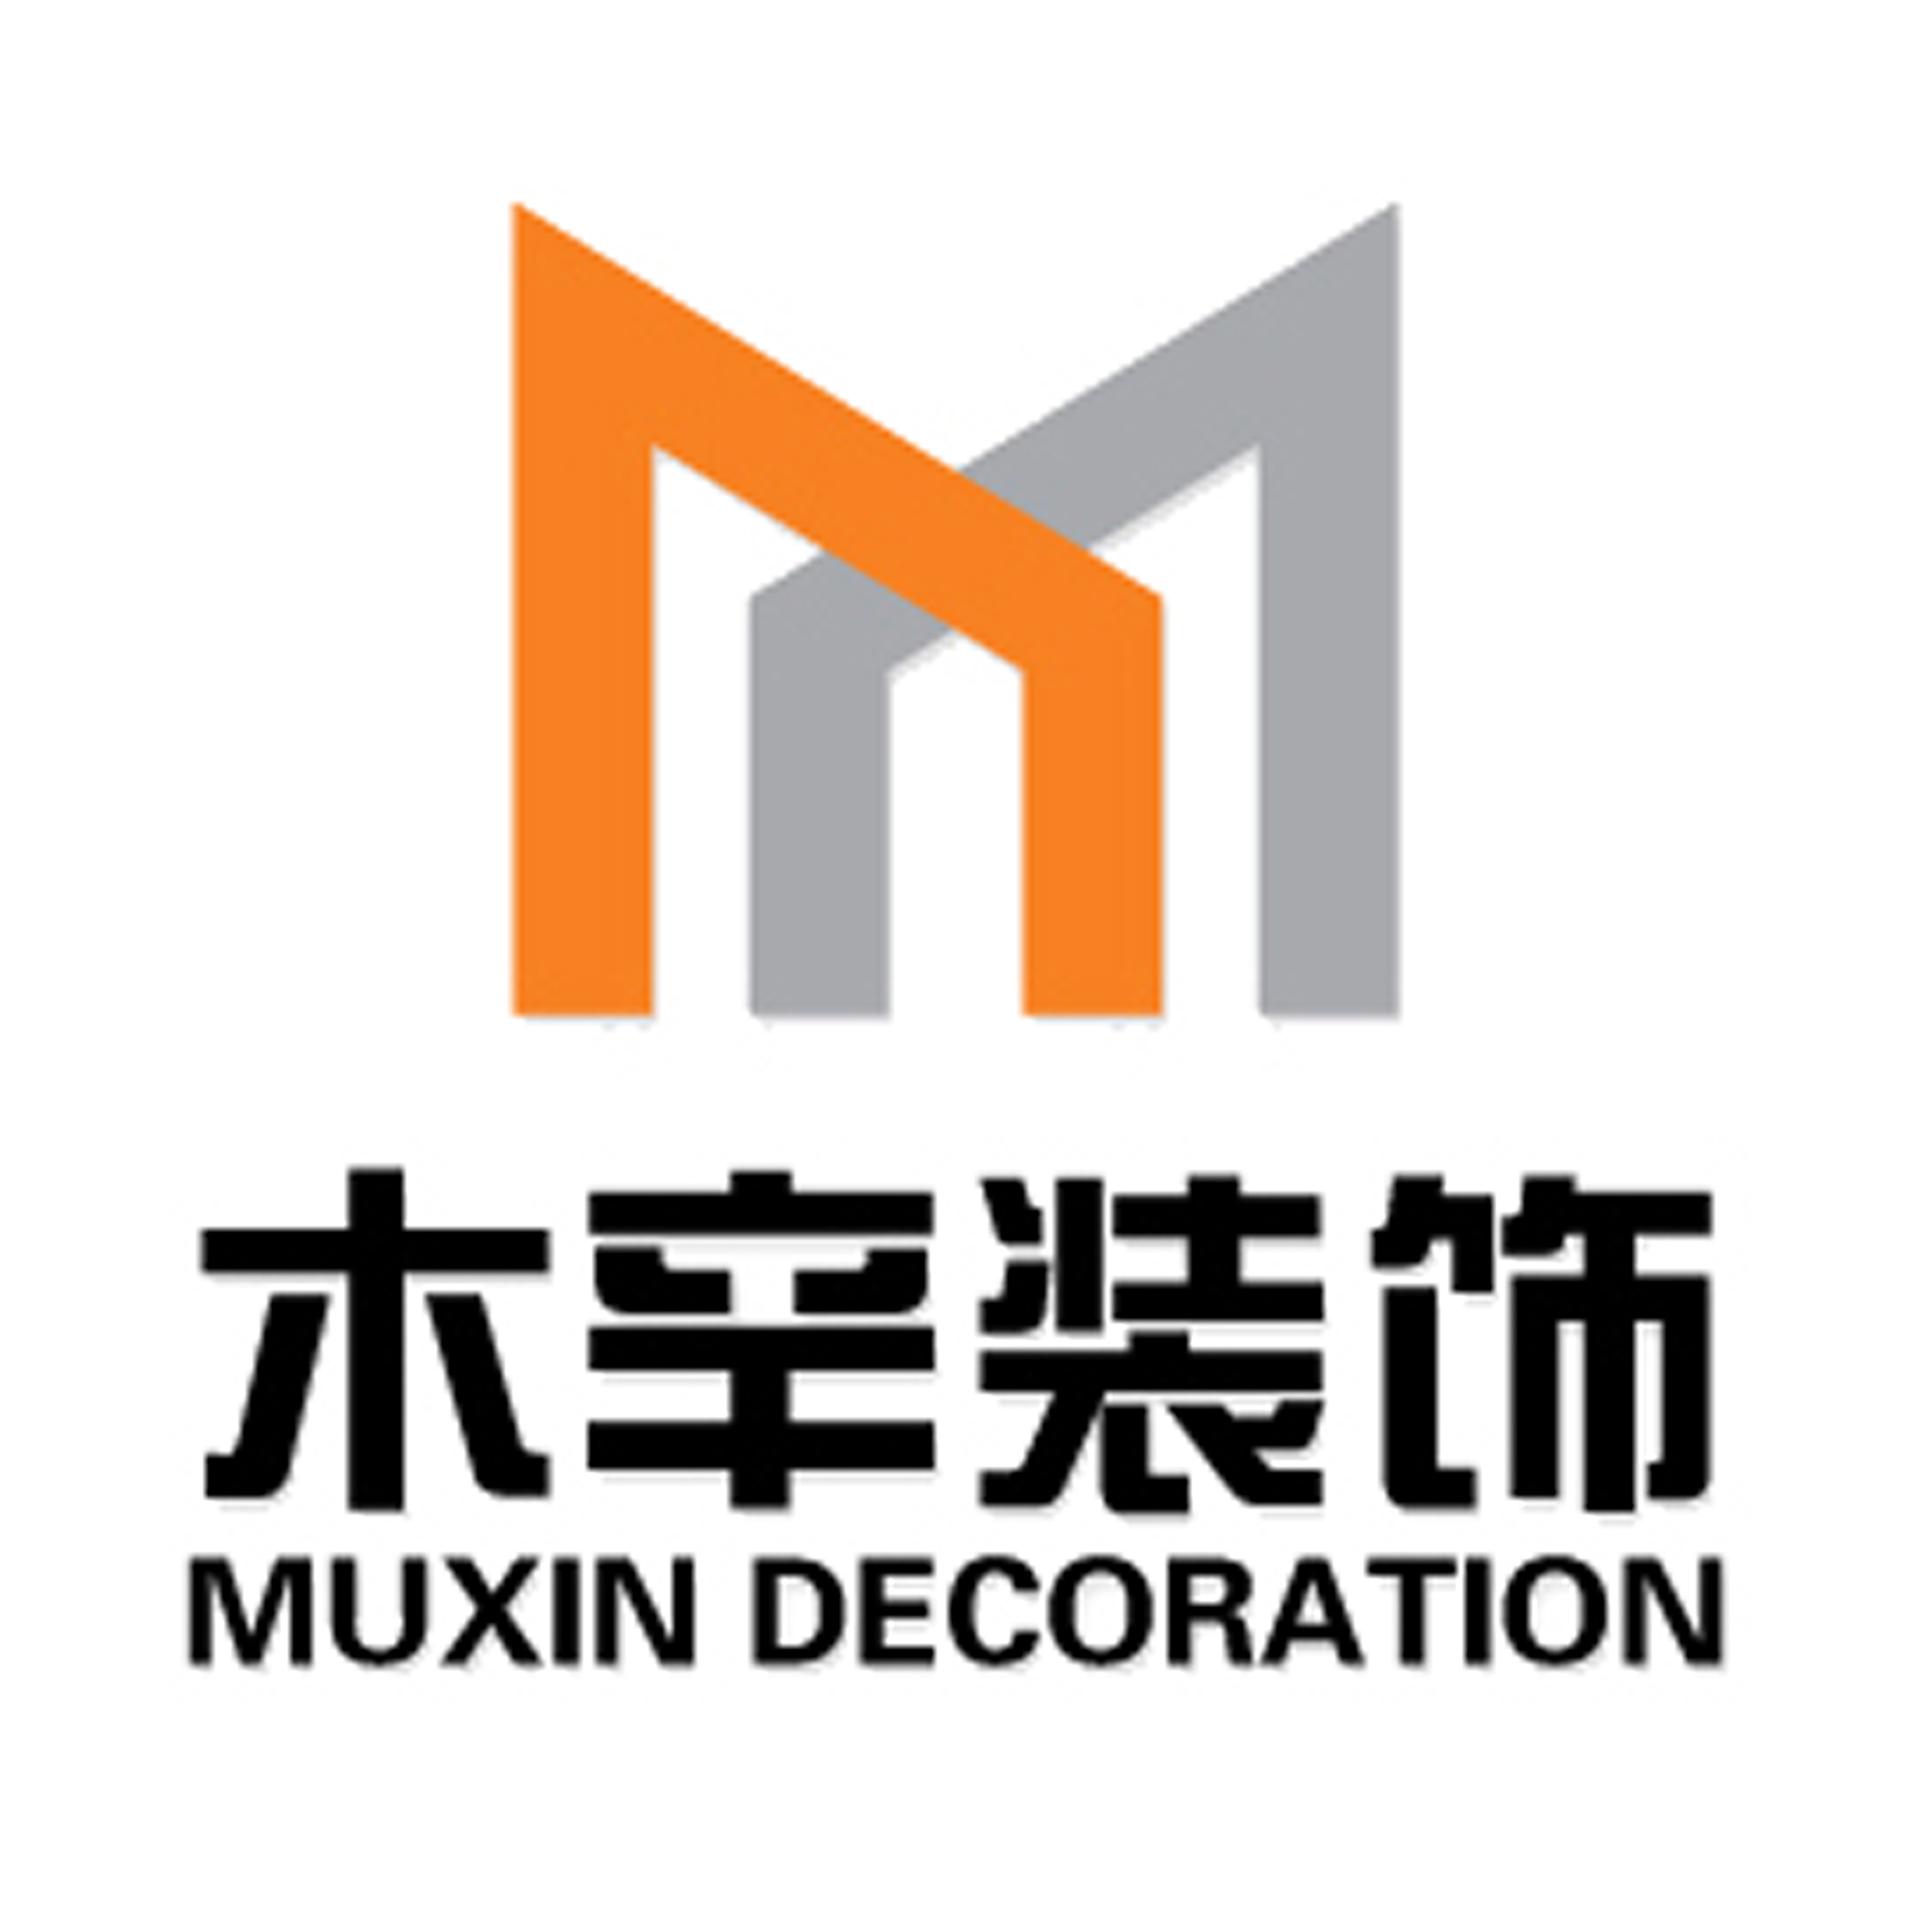 木辛装饰工程有限公司 - 合肥装修公司